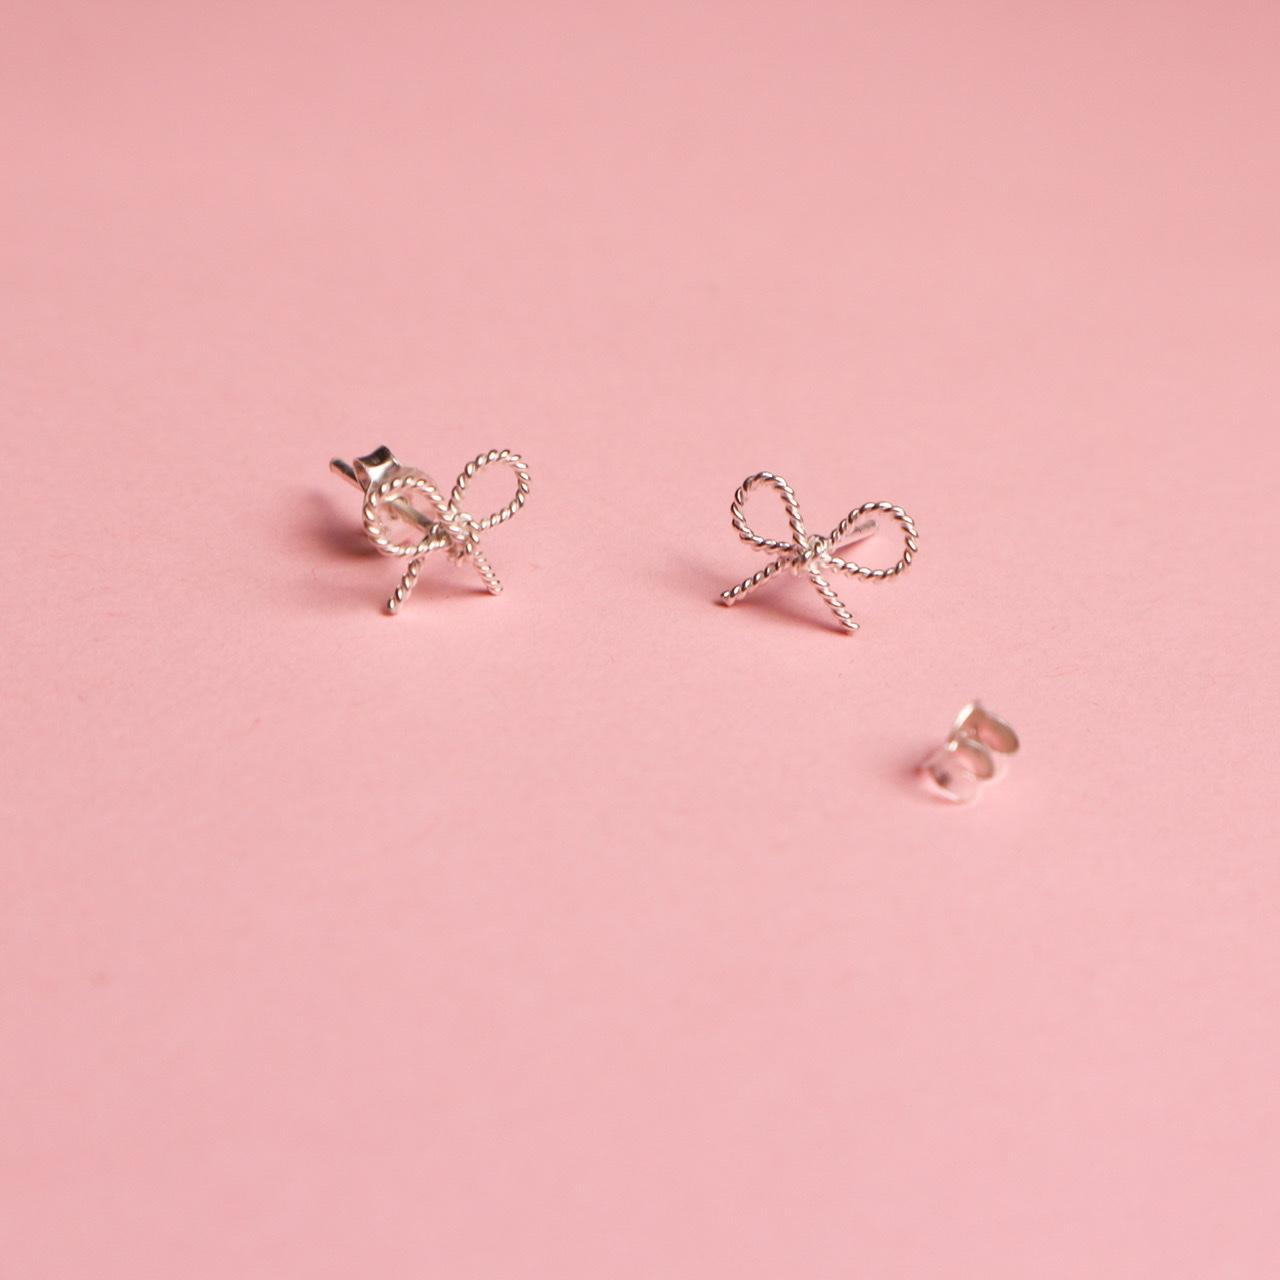 Boucles d'oreilles en boucle